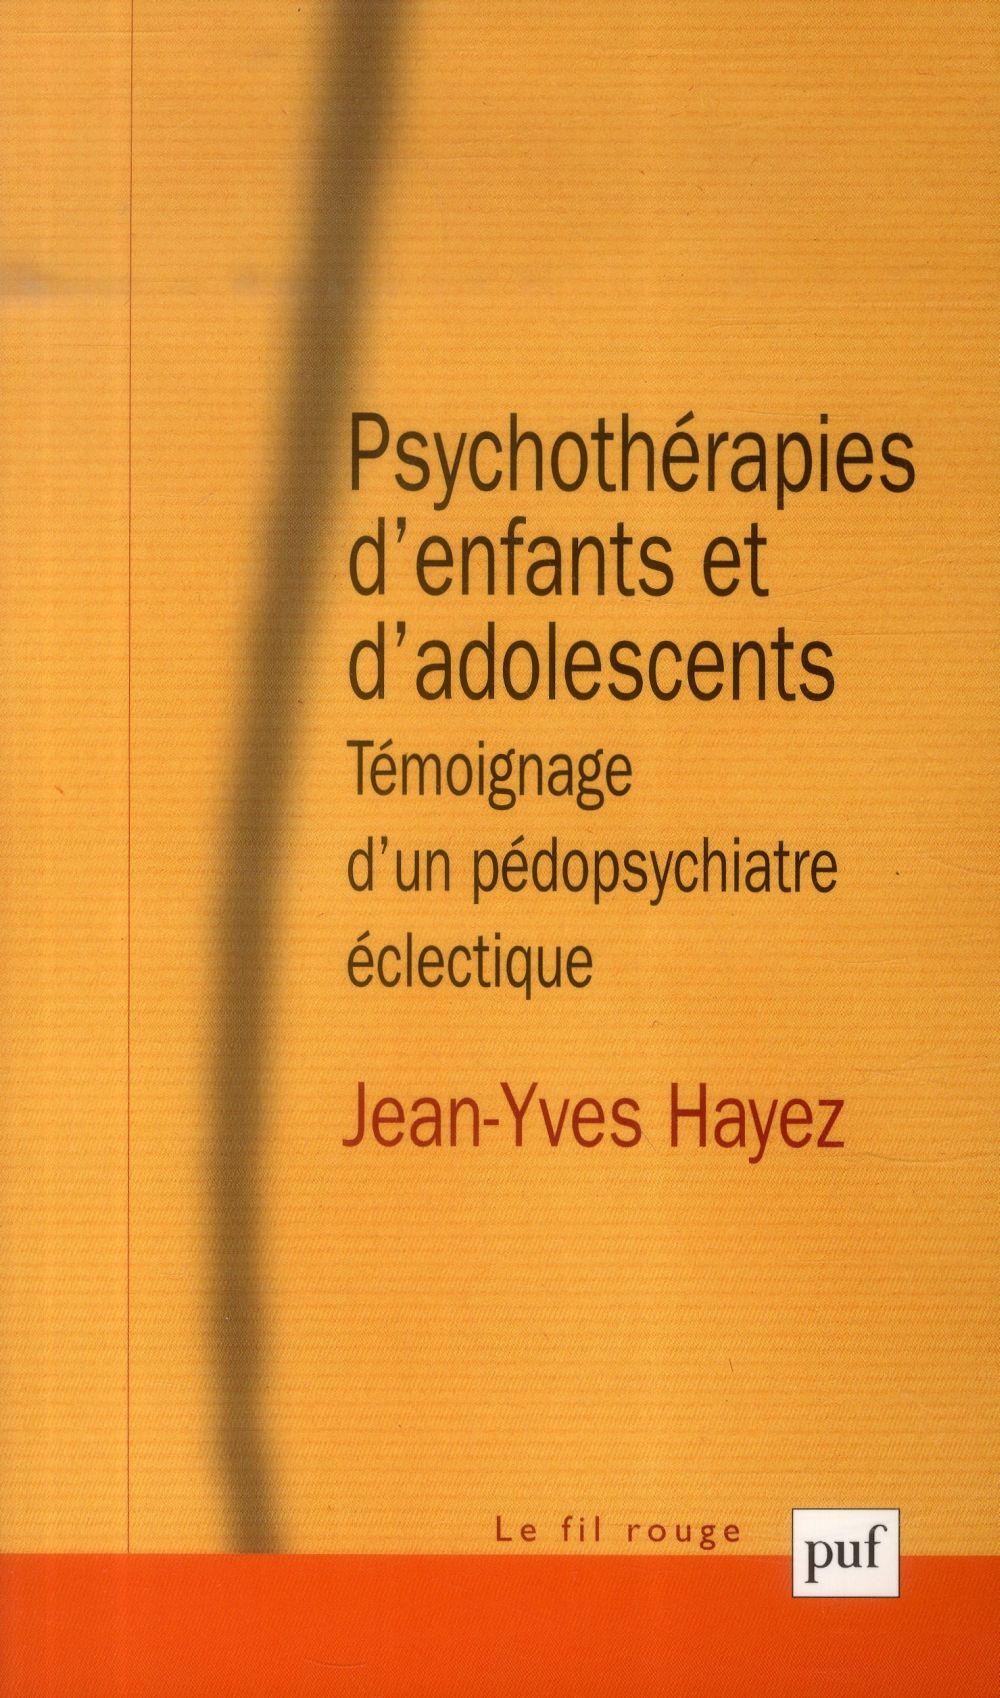 PSYCHOTHERAPIES D'ENFANTS ET D'ADOLESCENTS - TEMOIGNAGE D'UN PEDOPSYCHIATRE ECLECTIQUE